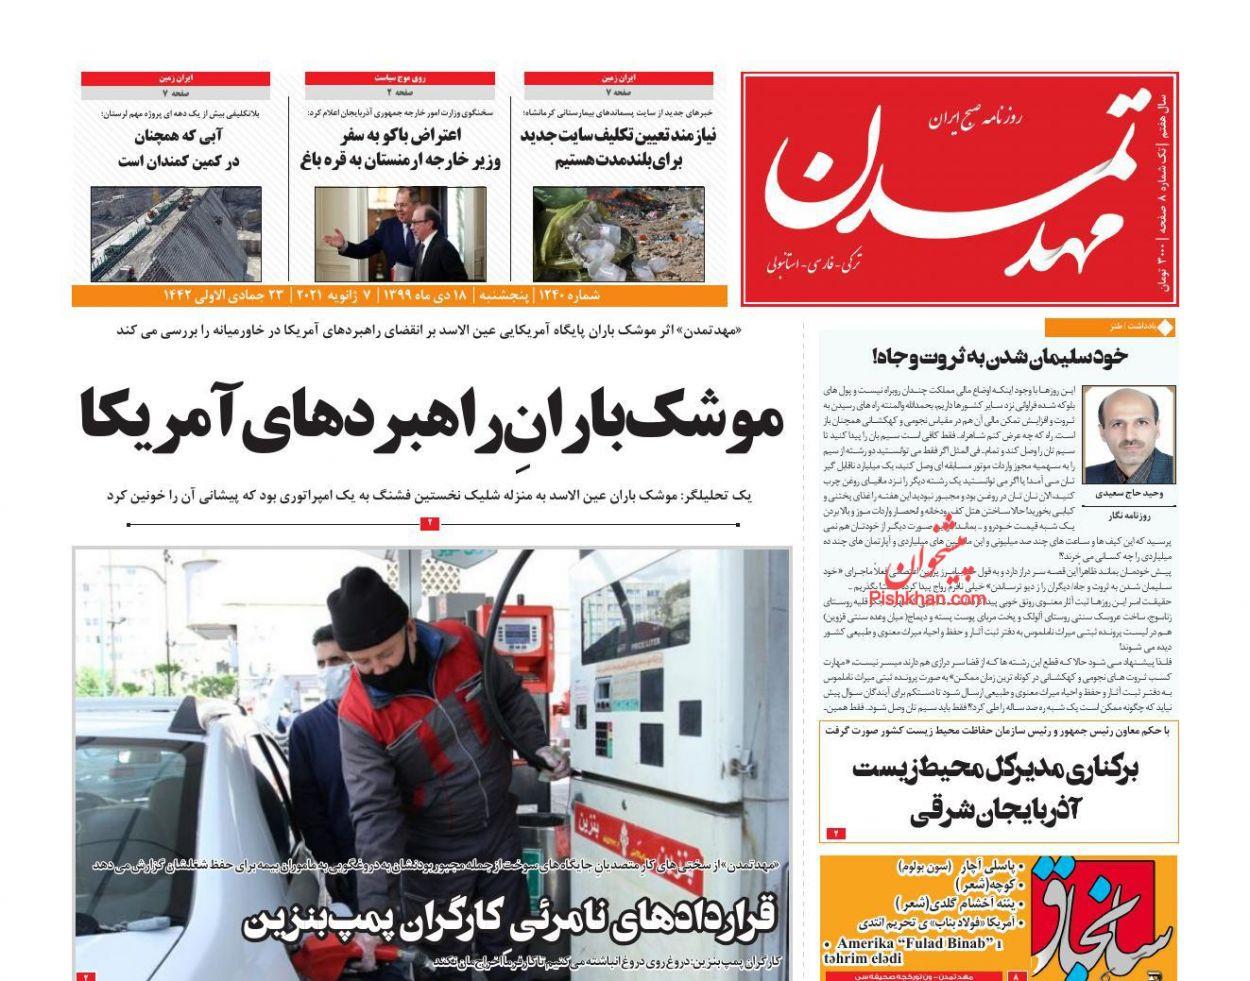 عناوین اخبار روزنامه مهد تمدن در روز پنجشنبه ۱۸ دی